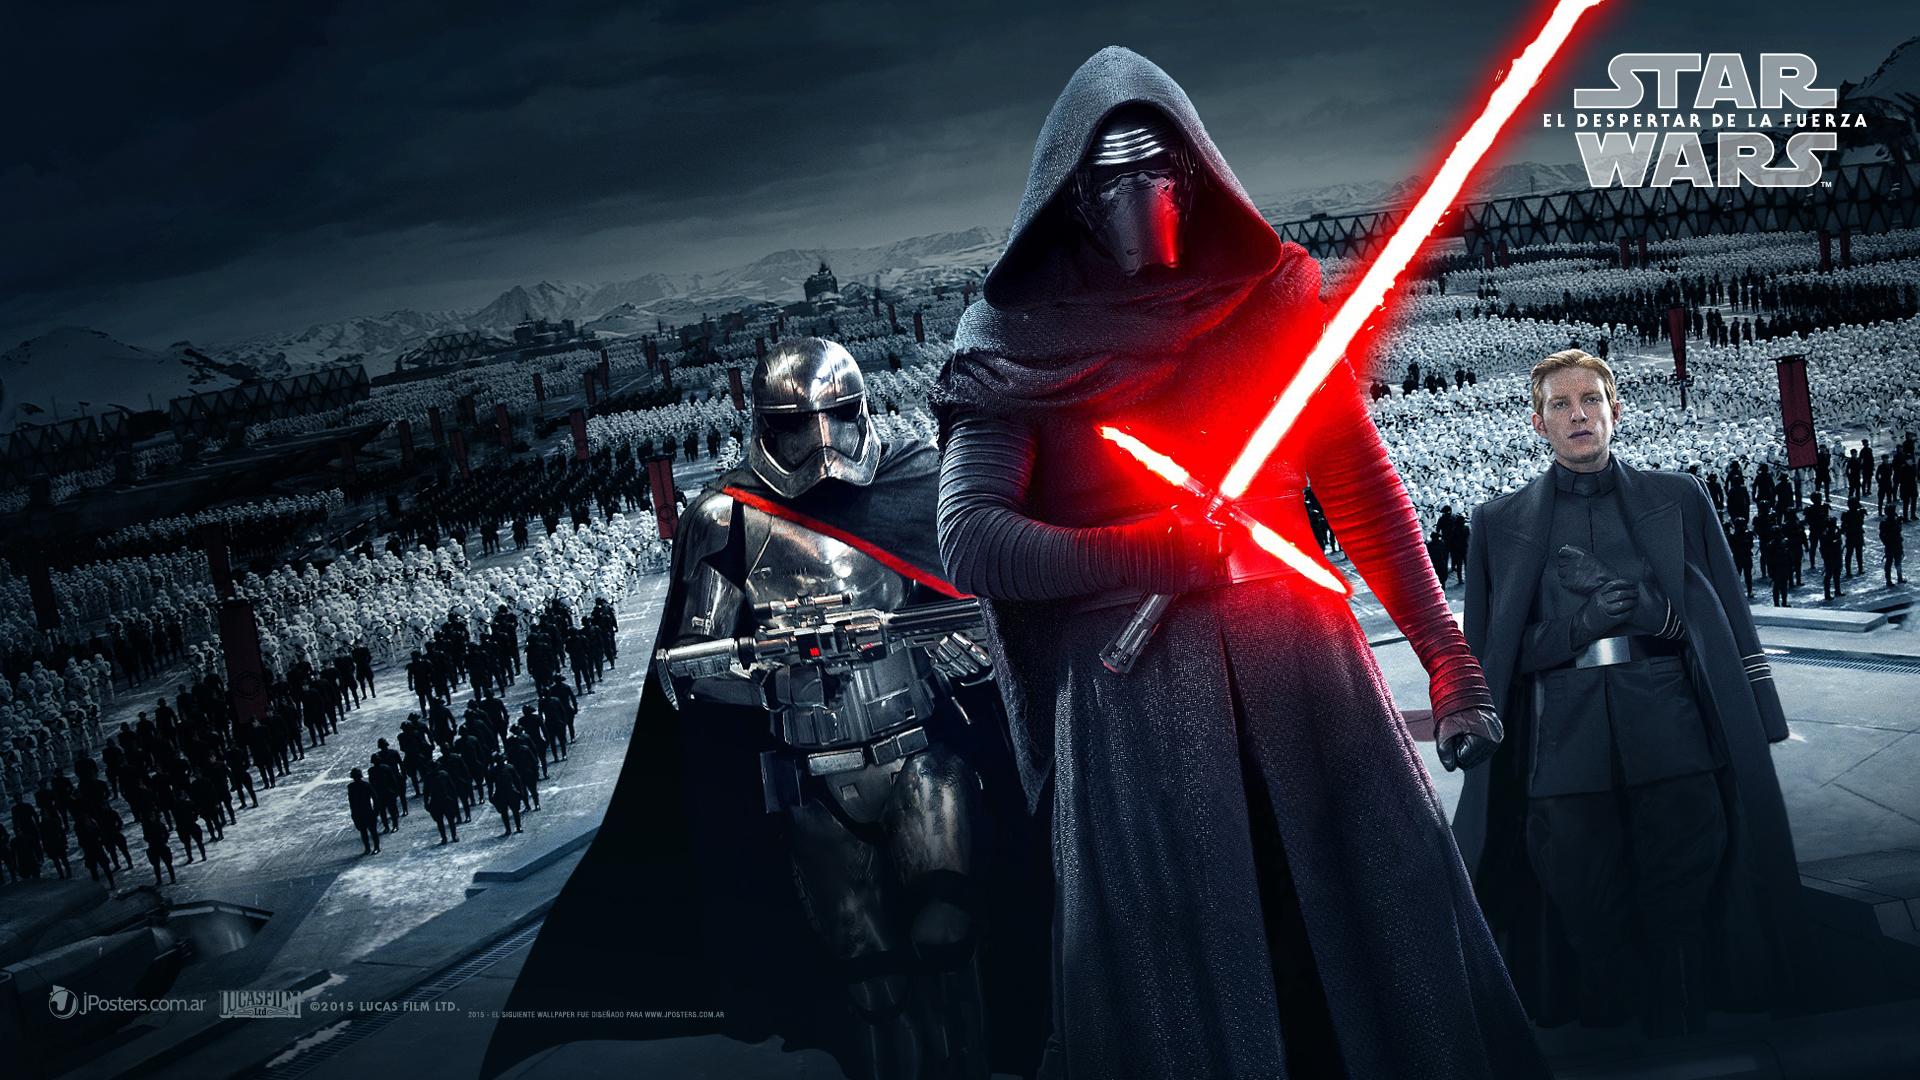 star wars force awakens banner full 1920x1080